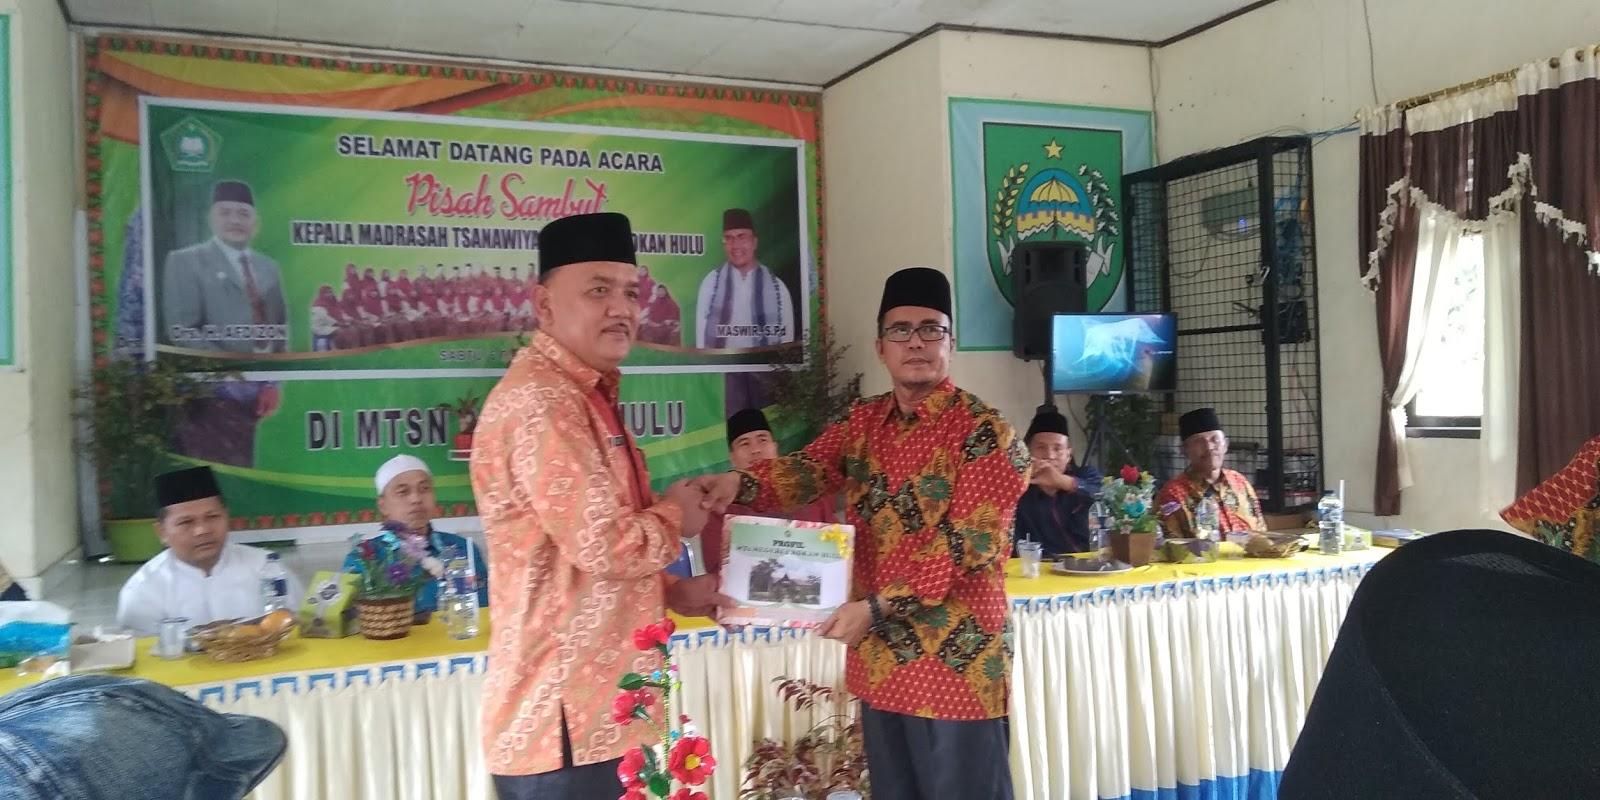 Kepala MTs Nurul Huda Hadiri Acara Pisah Sambut Kepala MTS Negeri 2 Rohul